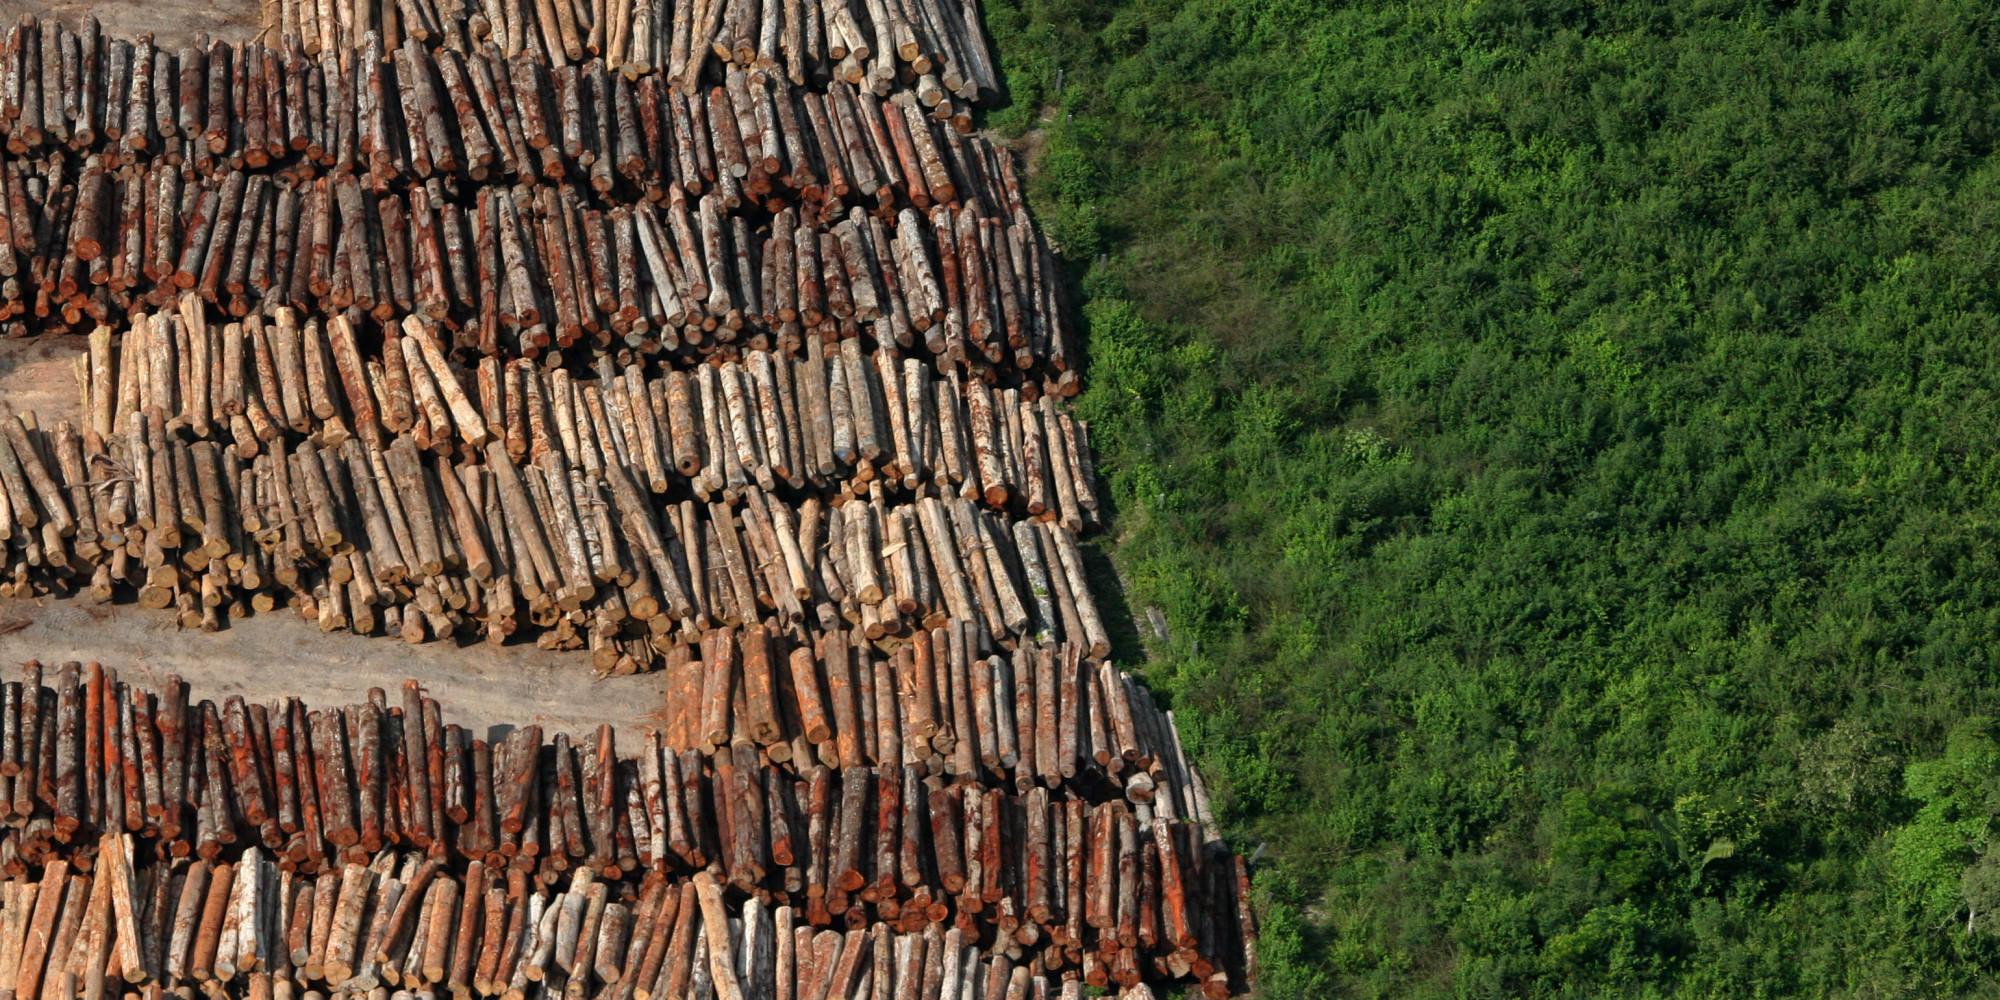 Fotos da amazonia antes do desmatamento